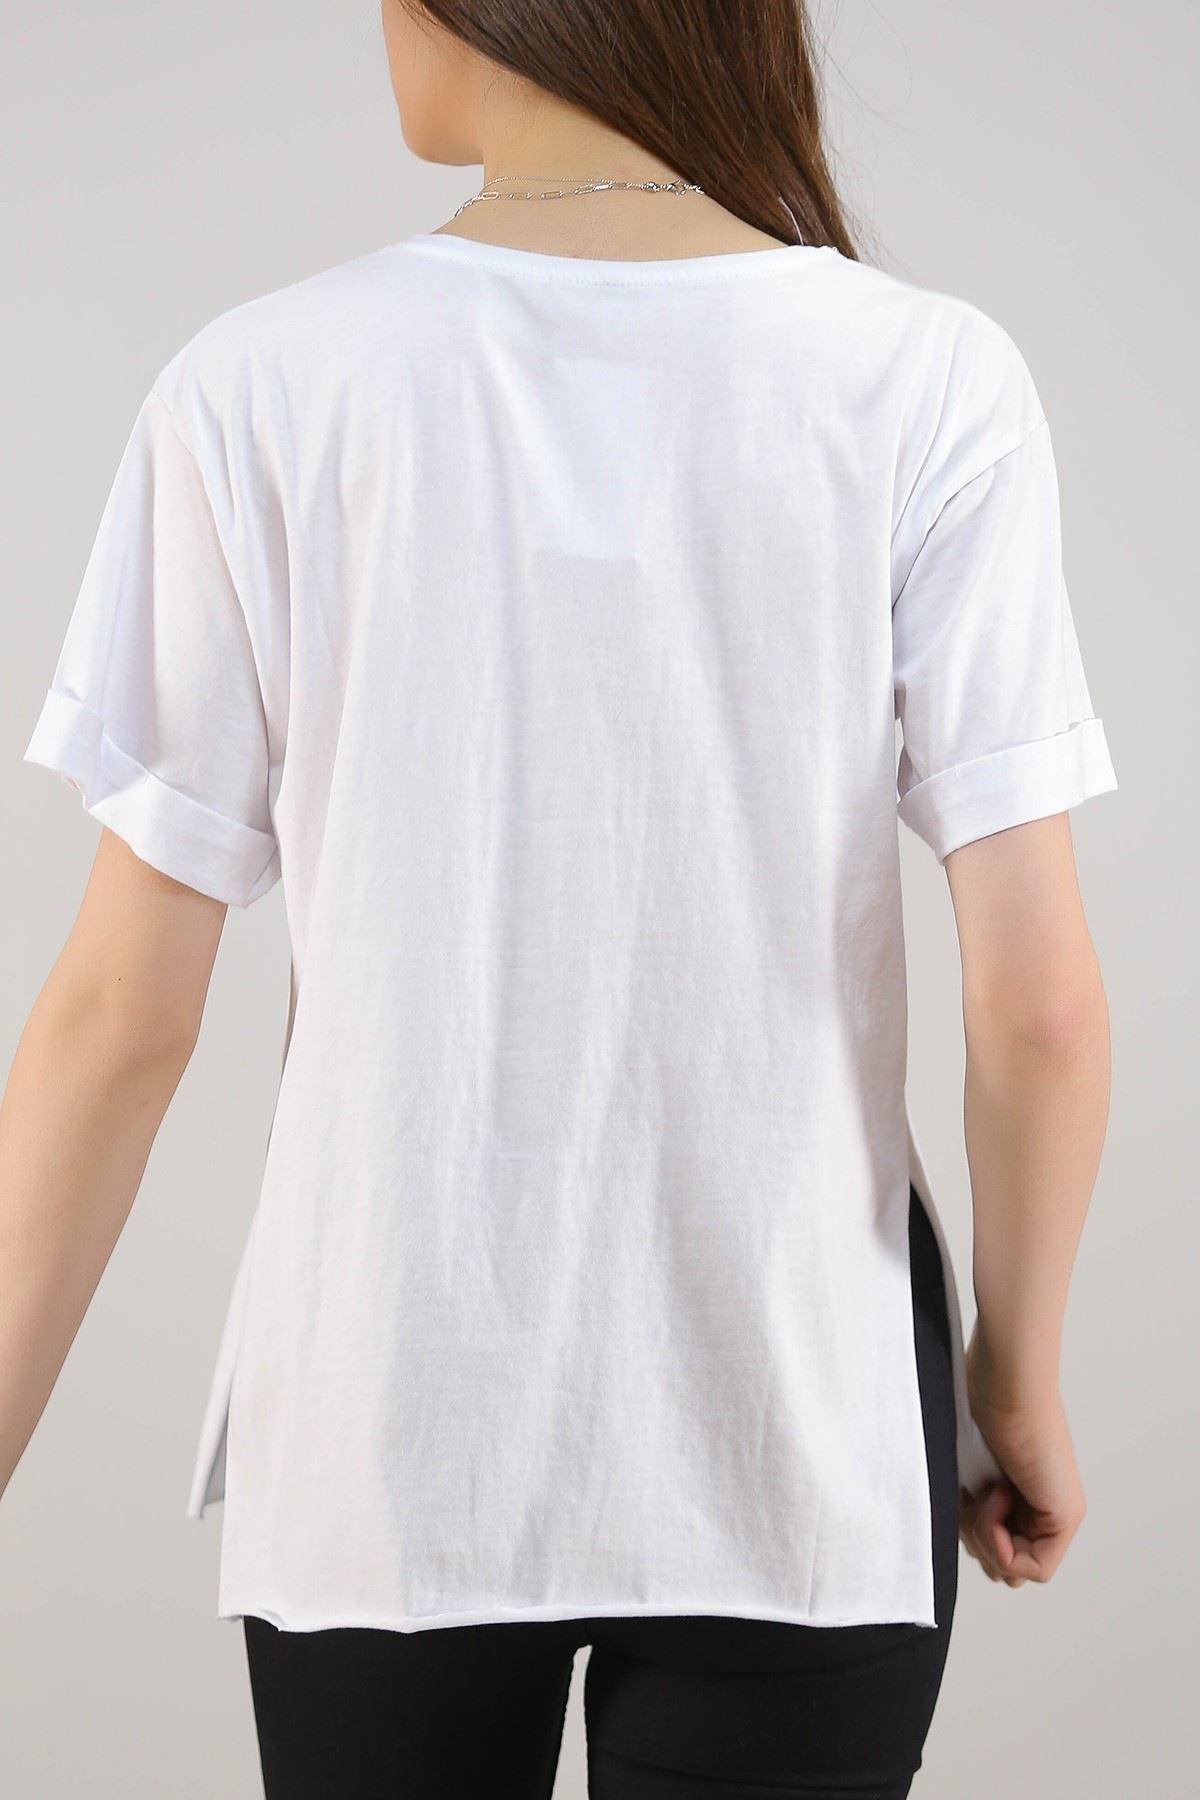 Baskılı Tişört Beyaz - 5076.275. Toptan